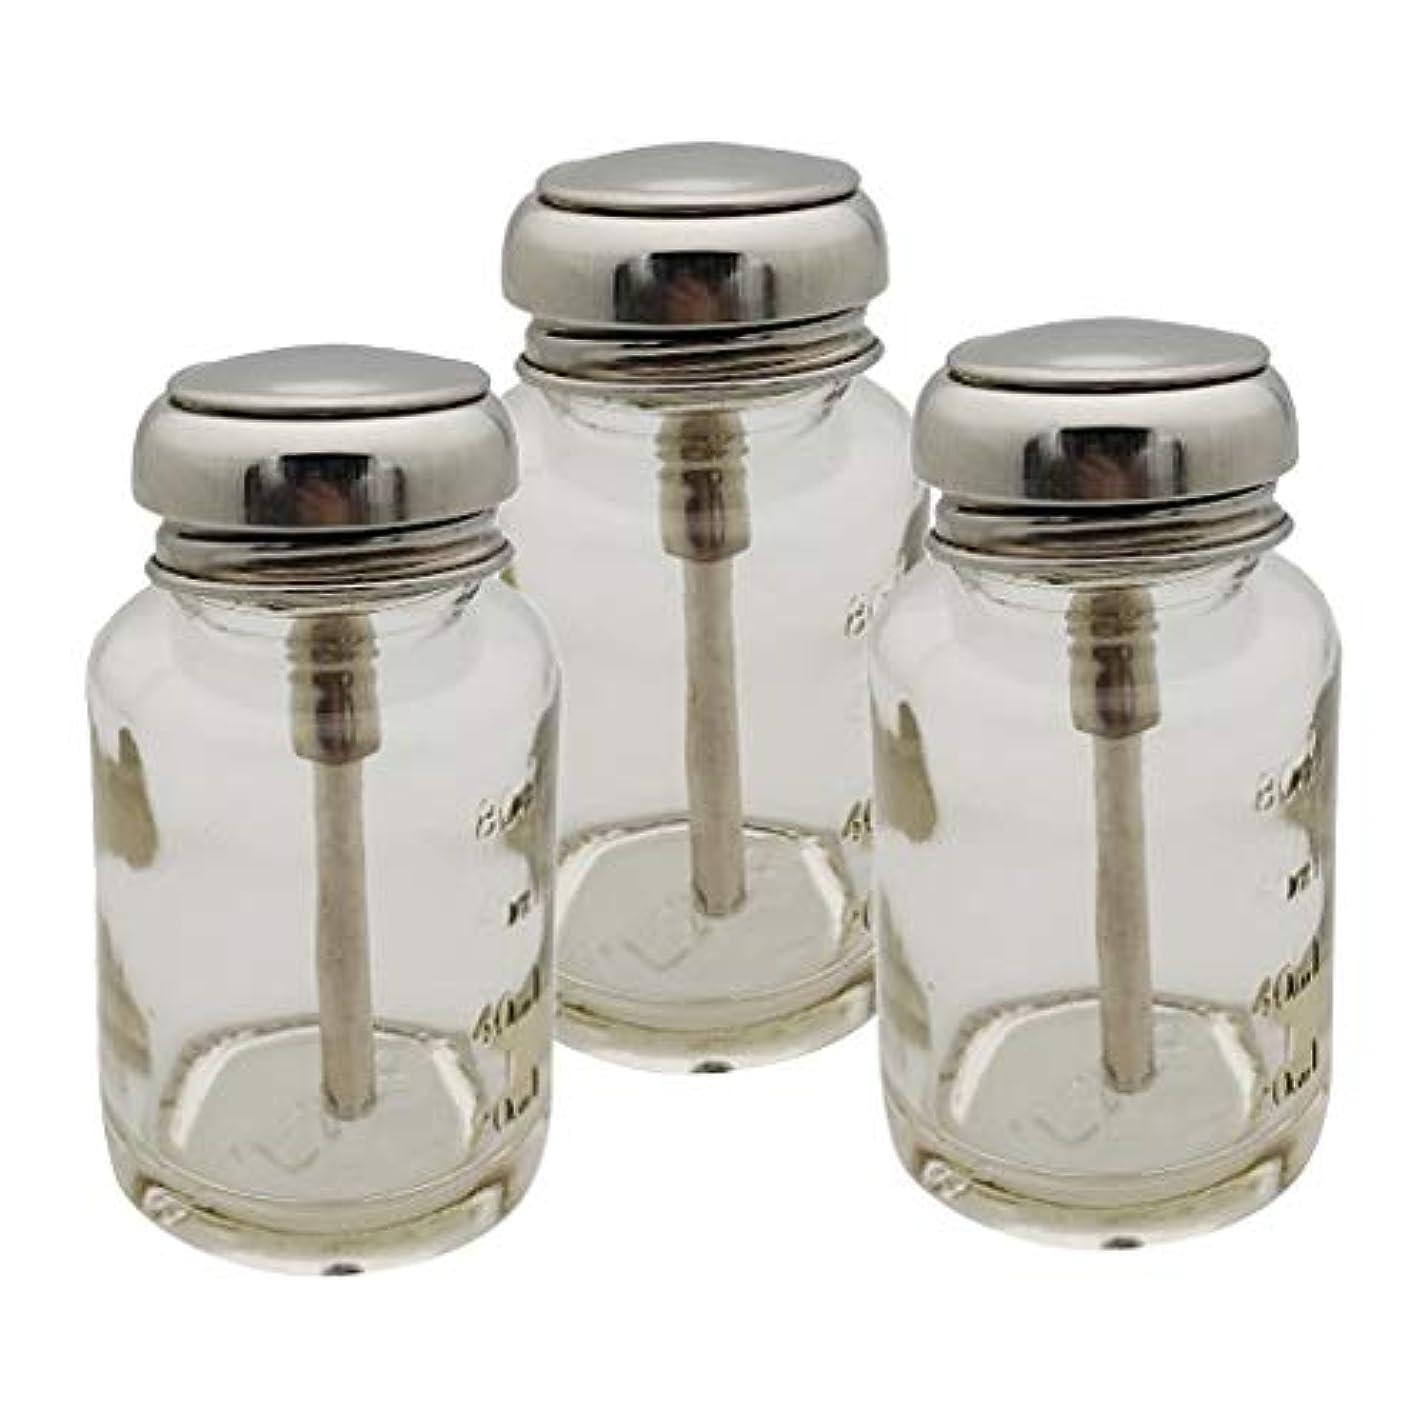 コンベンション仕立て屋ネブPerfeclan ガラス ポンプディスペンサー ネイル ポンプボトル 容器 マニキュア液 メイク落とし 適用 3個入り